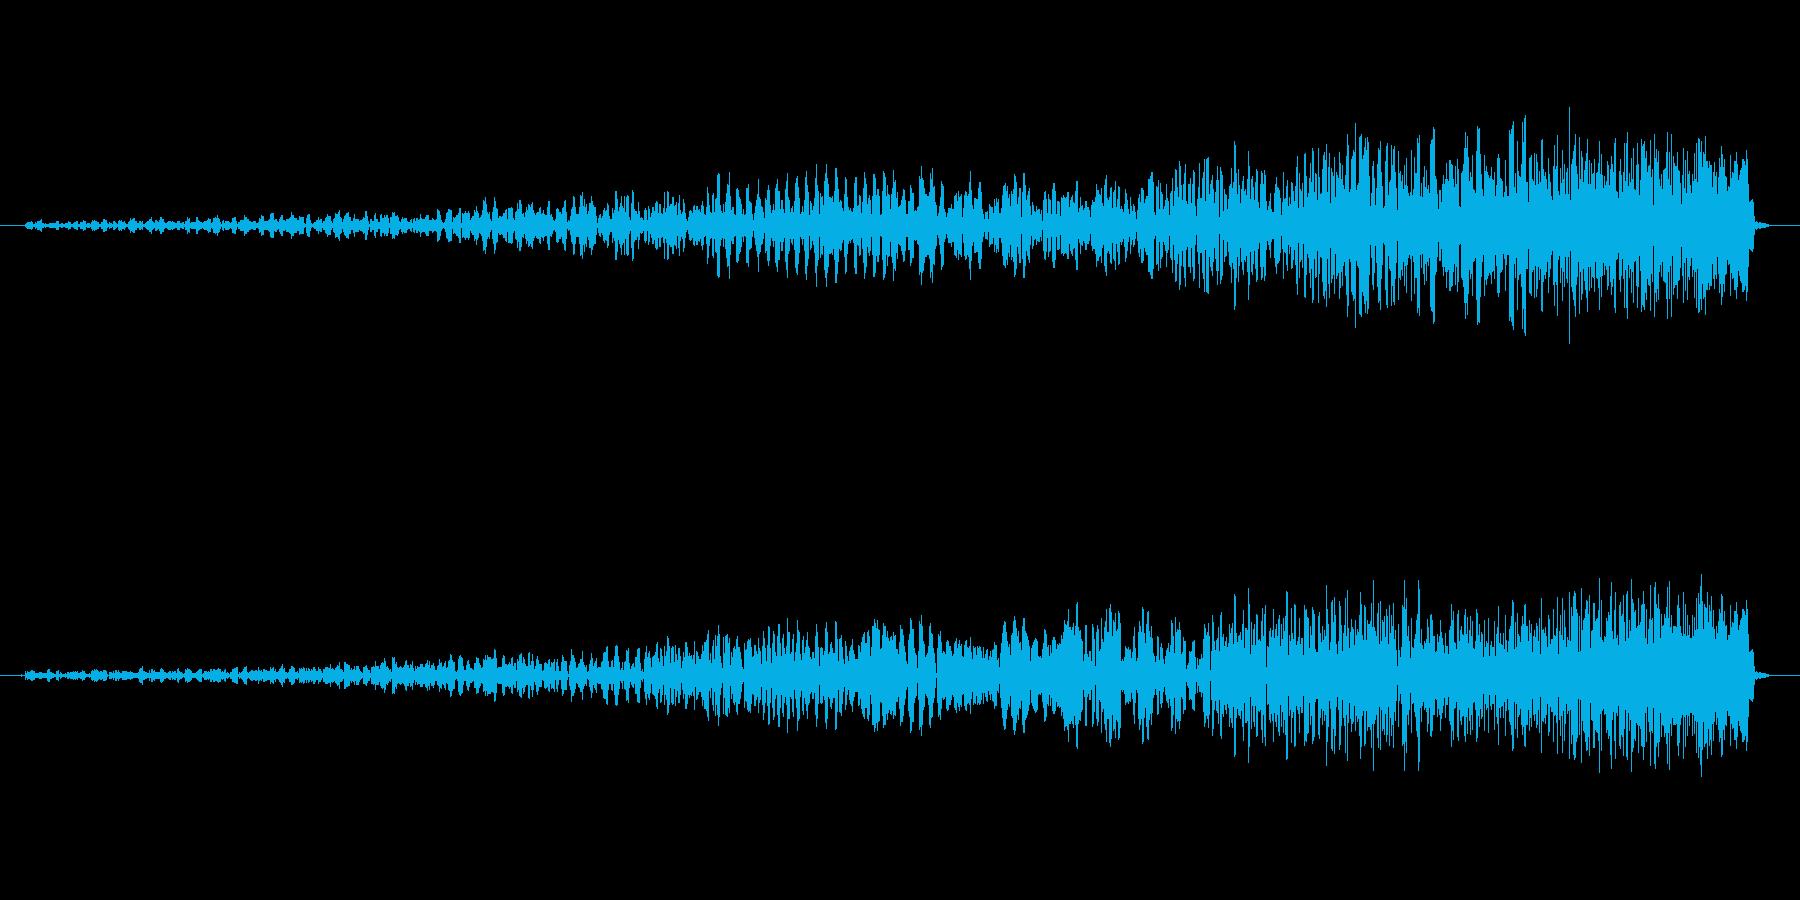 フェードイン・爆発の反転音の再生済みの波形